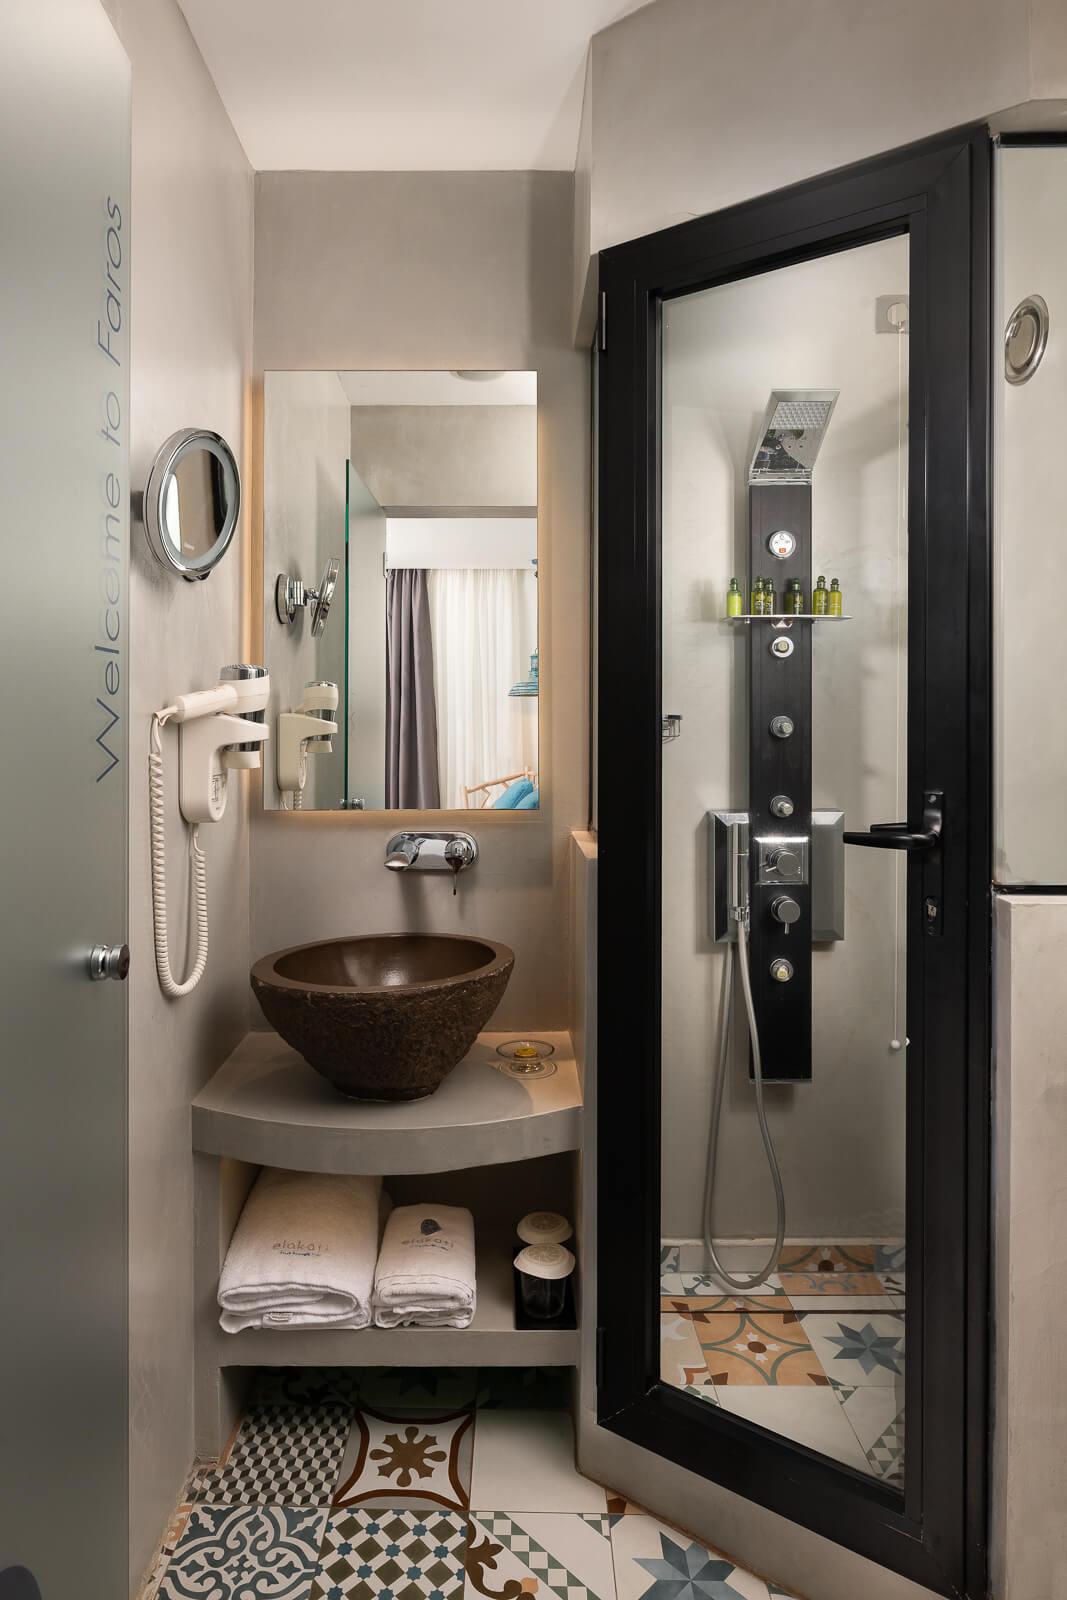 Faros Hotel Bathroom - Elakati Best Hotel in Rhodes Greece